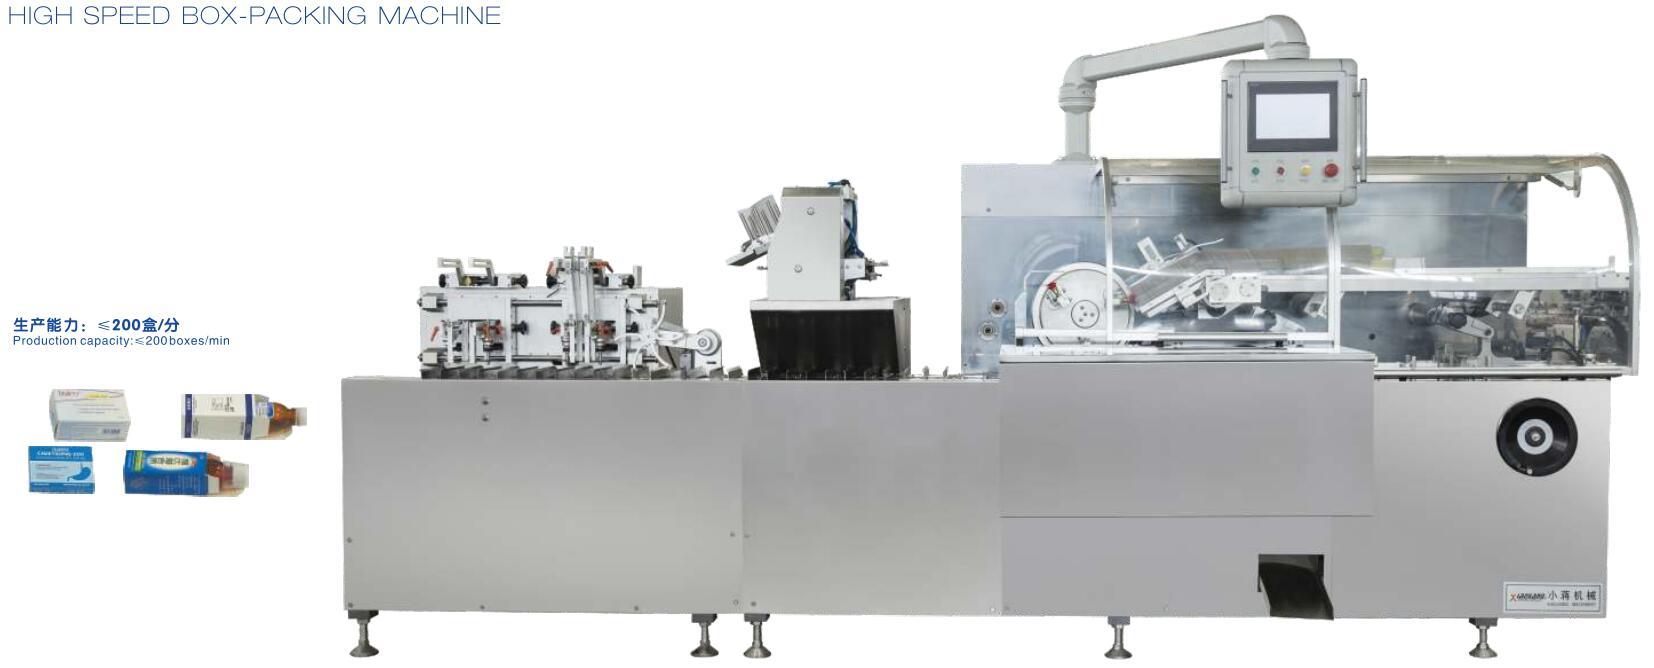 High speed box-packing machine